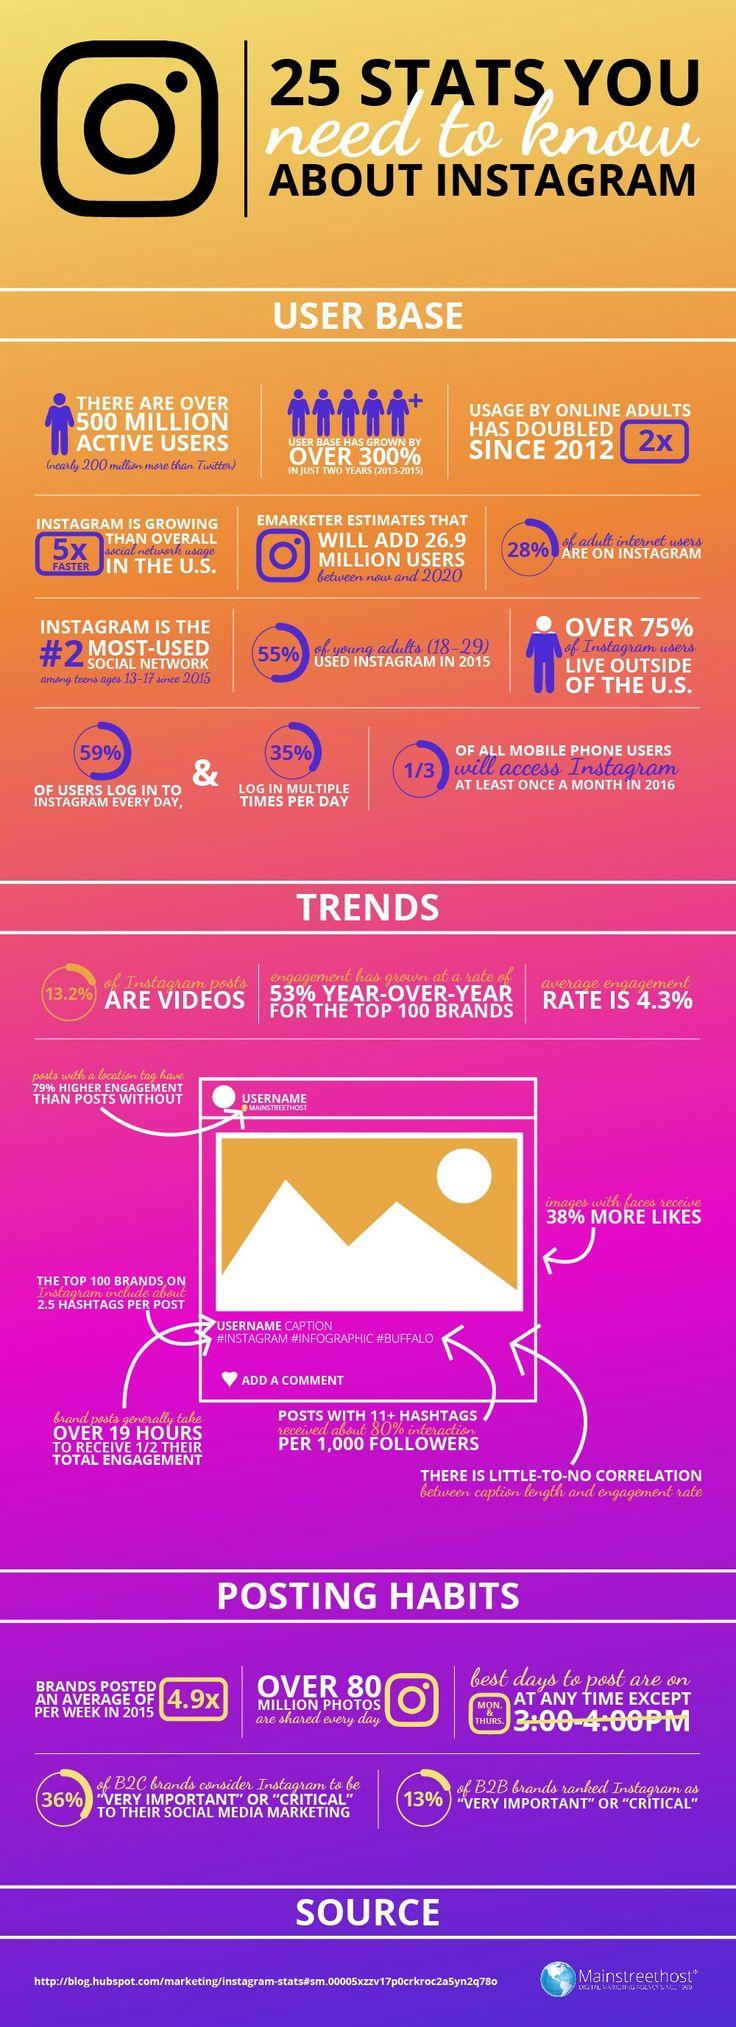 """Instagram son zamanların en popüler mecrası. Bu yıl marka tarafında en çok """" Instagram'da nasıl yer almalı?"""" konuşuldu. Küçük işletmeler ise """"Neden Instagram'da olmalıyız?""""ı tartıştı. Öncelikle Instagram'da etkileşimin çok yüksek olduğunu belirtelim. Sırf bu nedenle dünyanın bir çok gözde...   http://havari.co/instagram-hakkinda-bilmeniz-gereken-19-harika-istatistik/"""